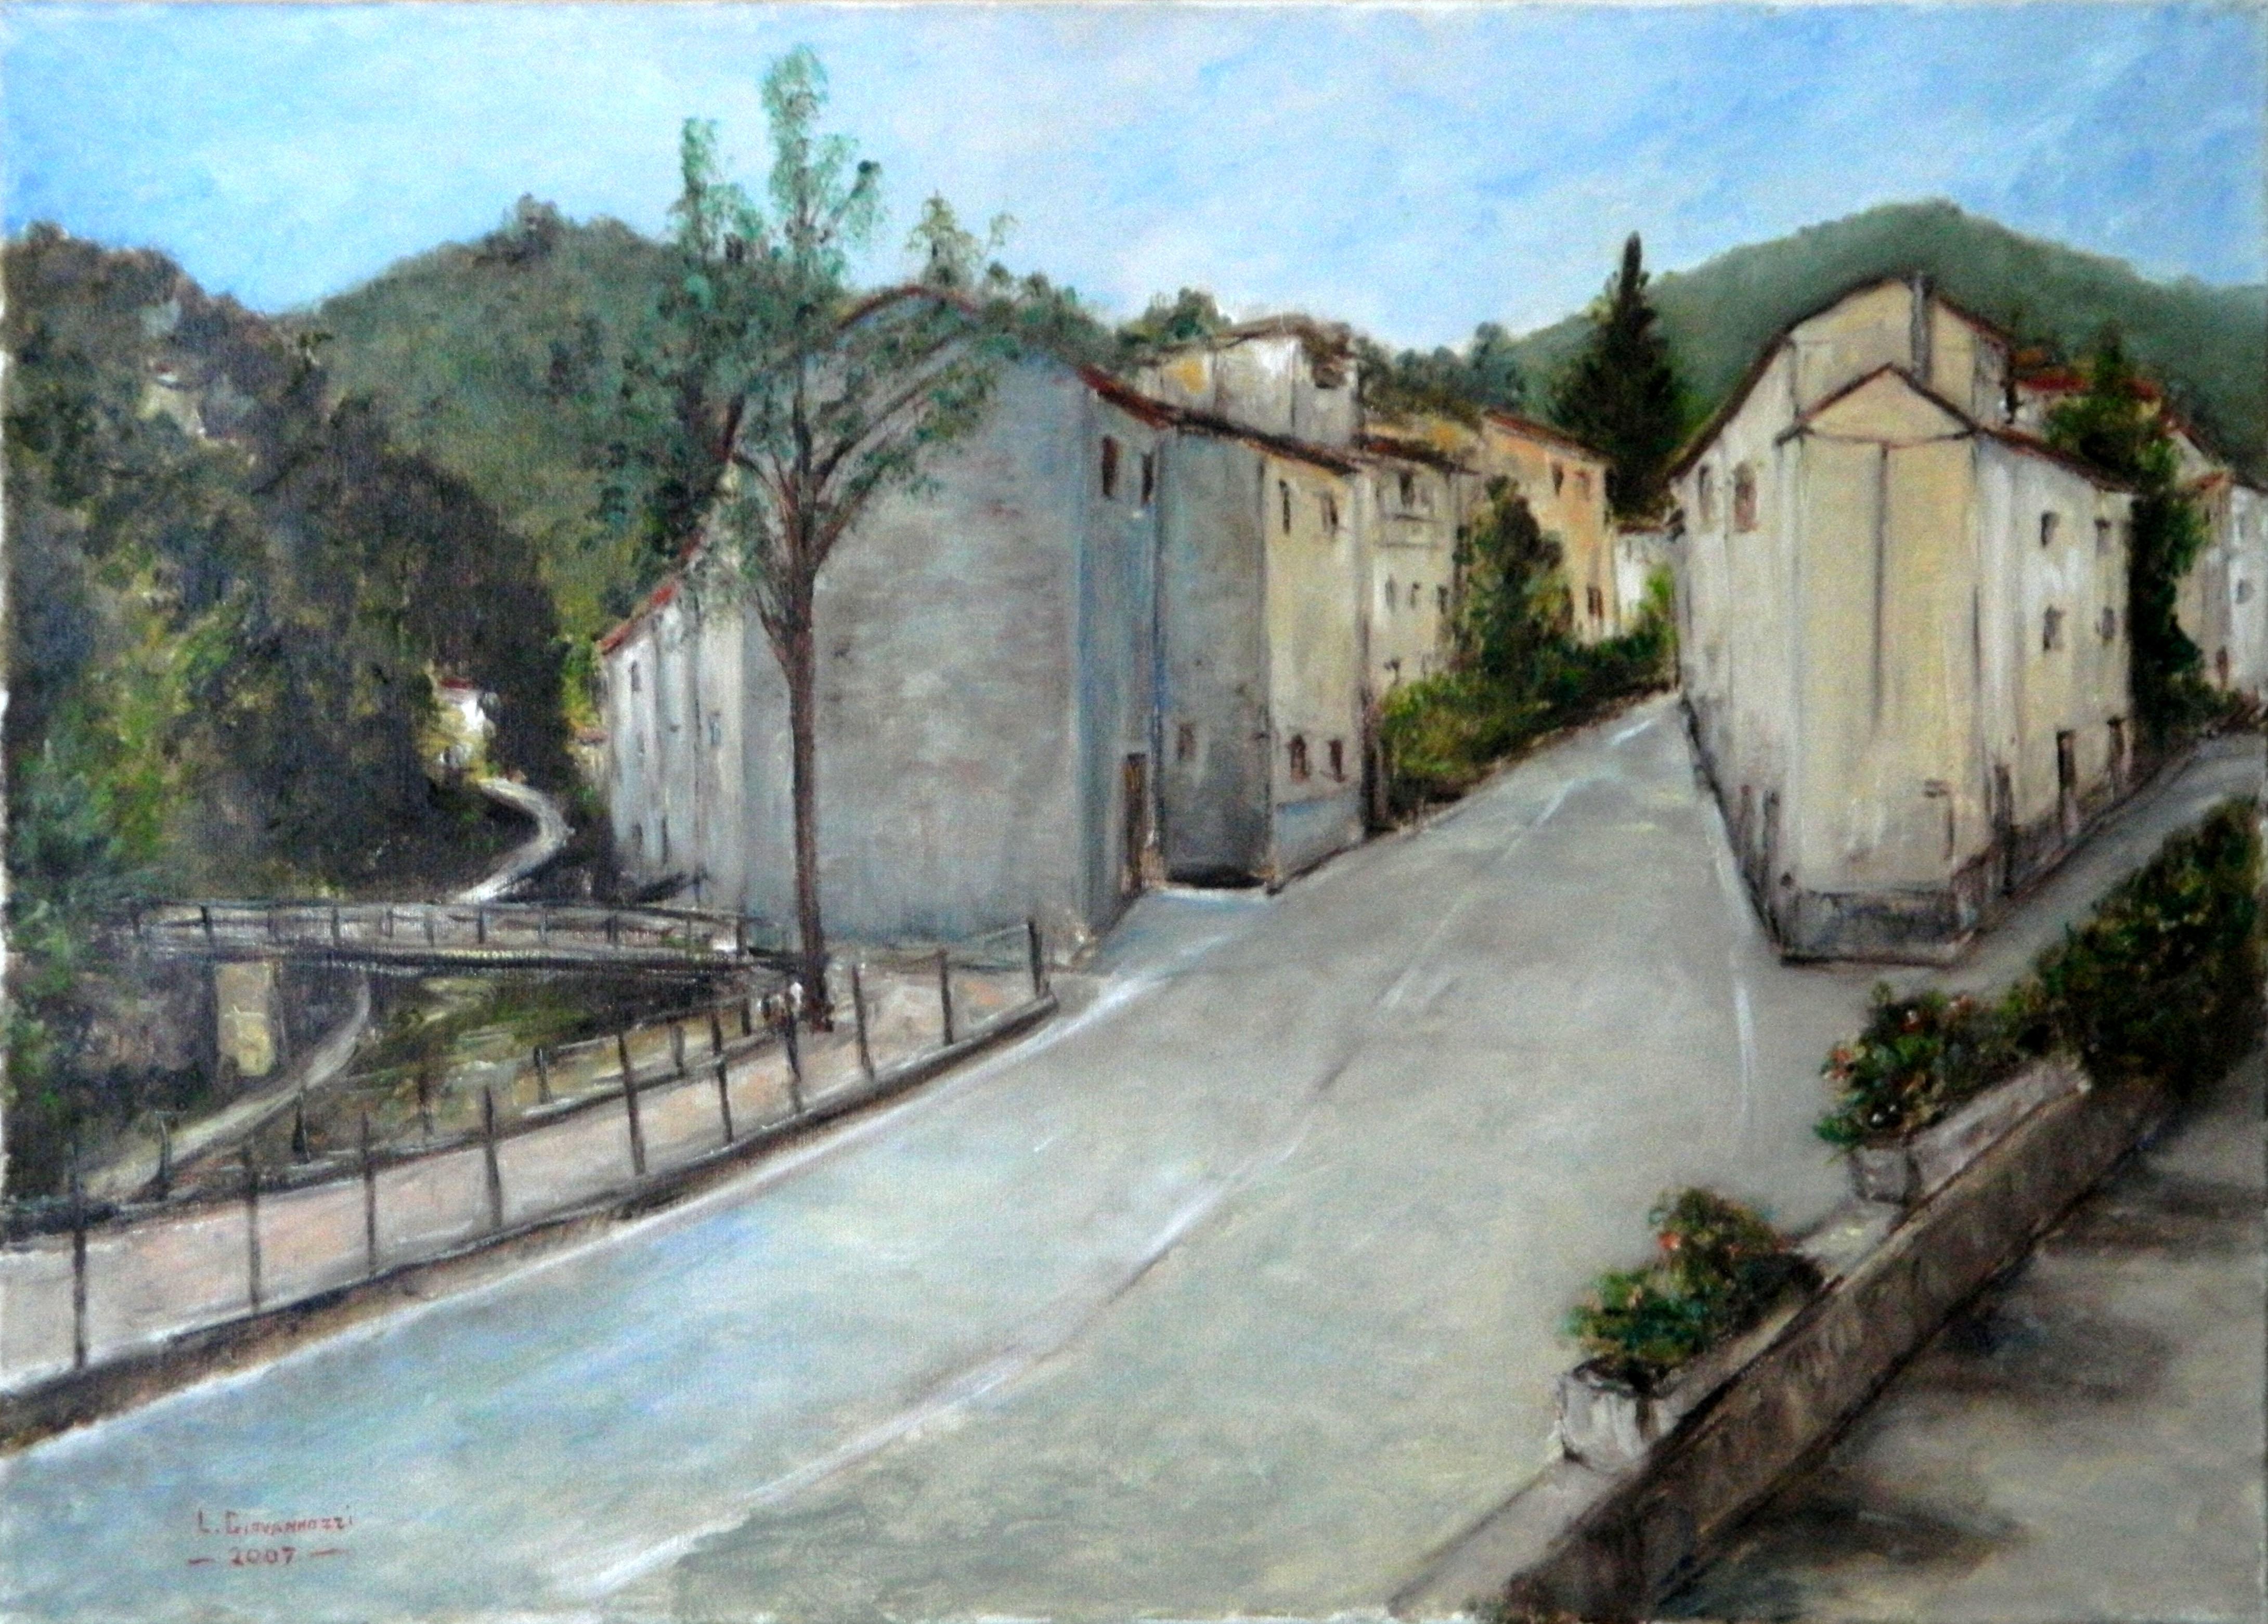 Luciano Giovannozzi – SCORCIO FONTEBUONA (PROV. FIRENZE)